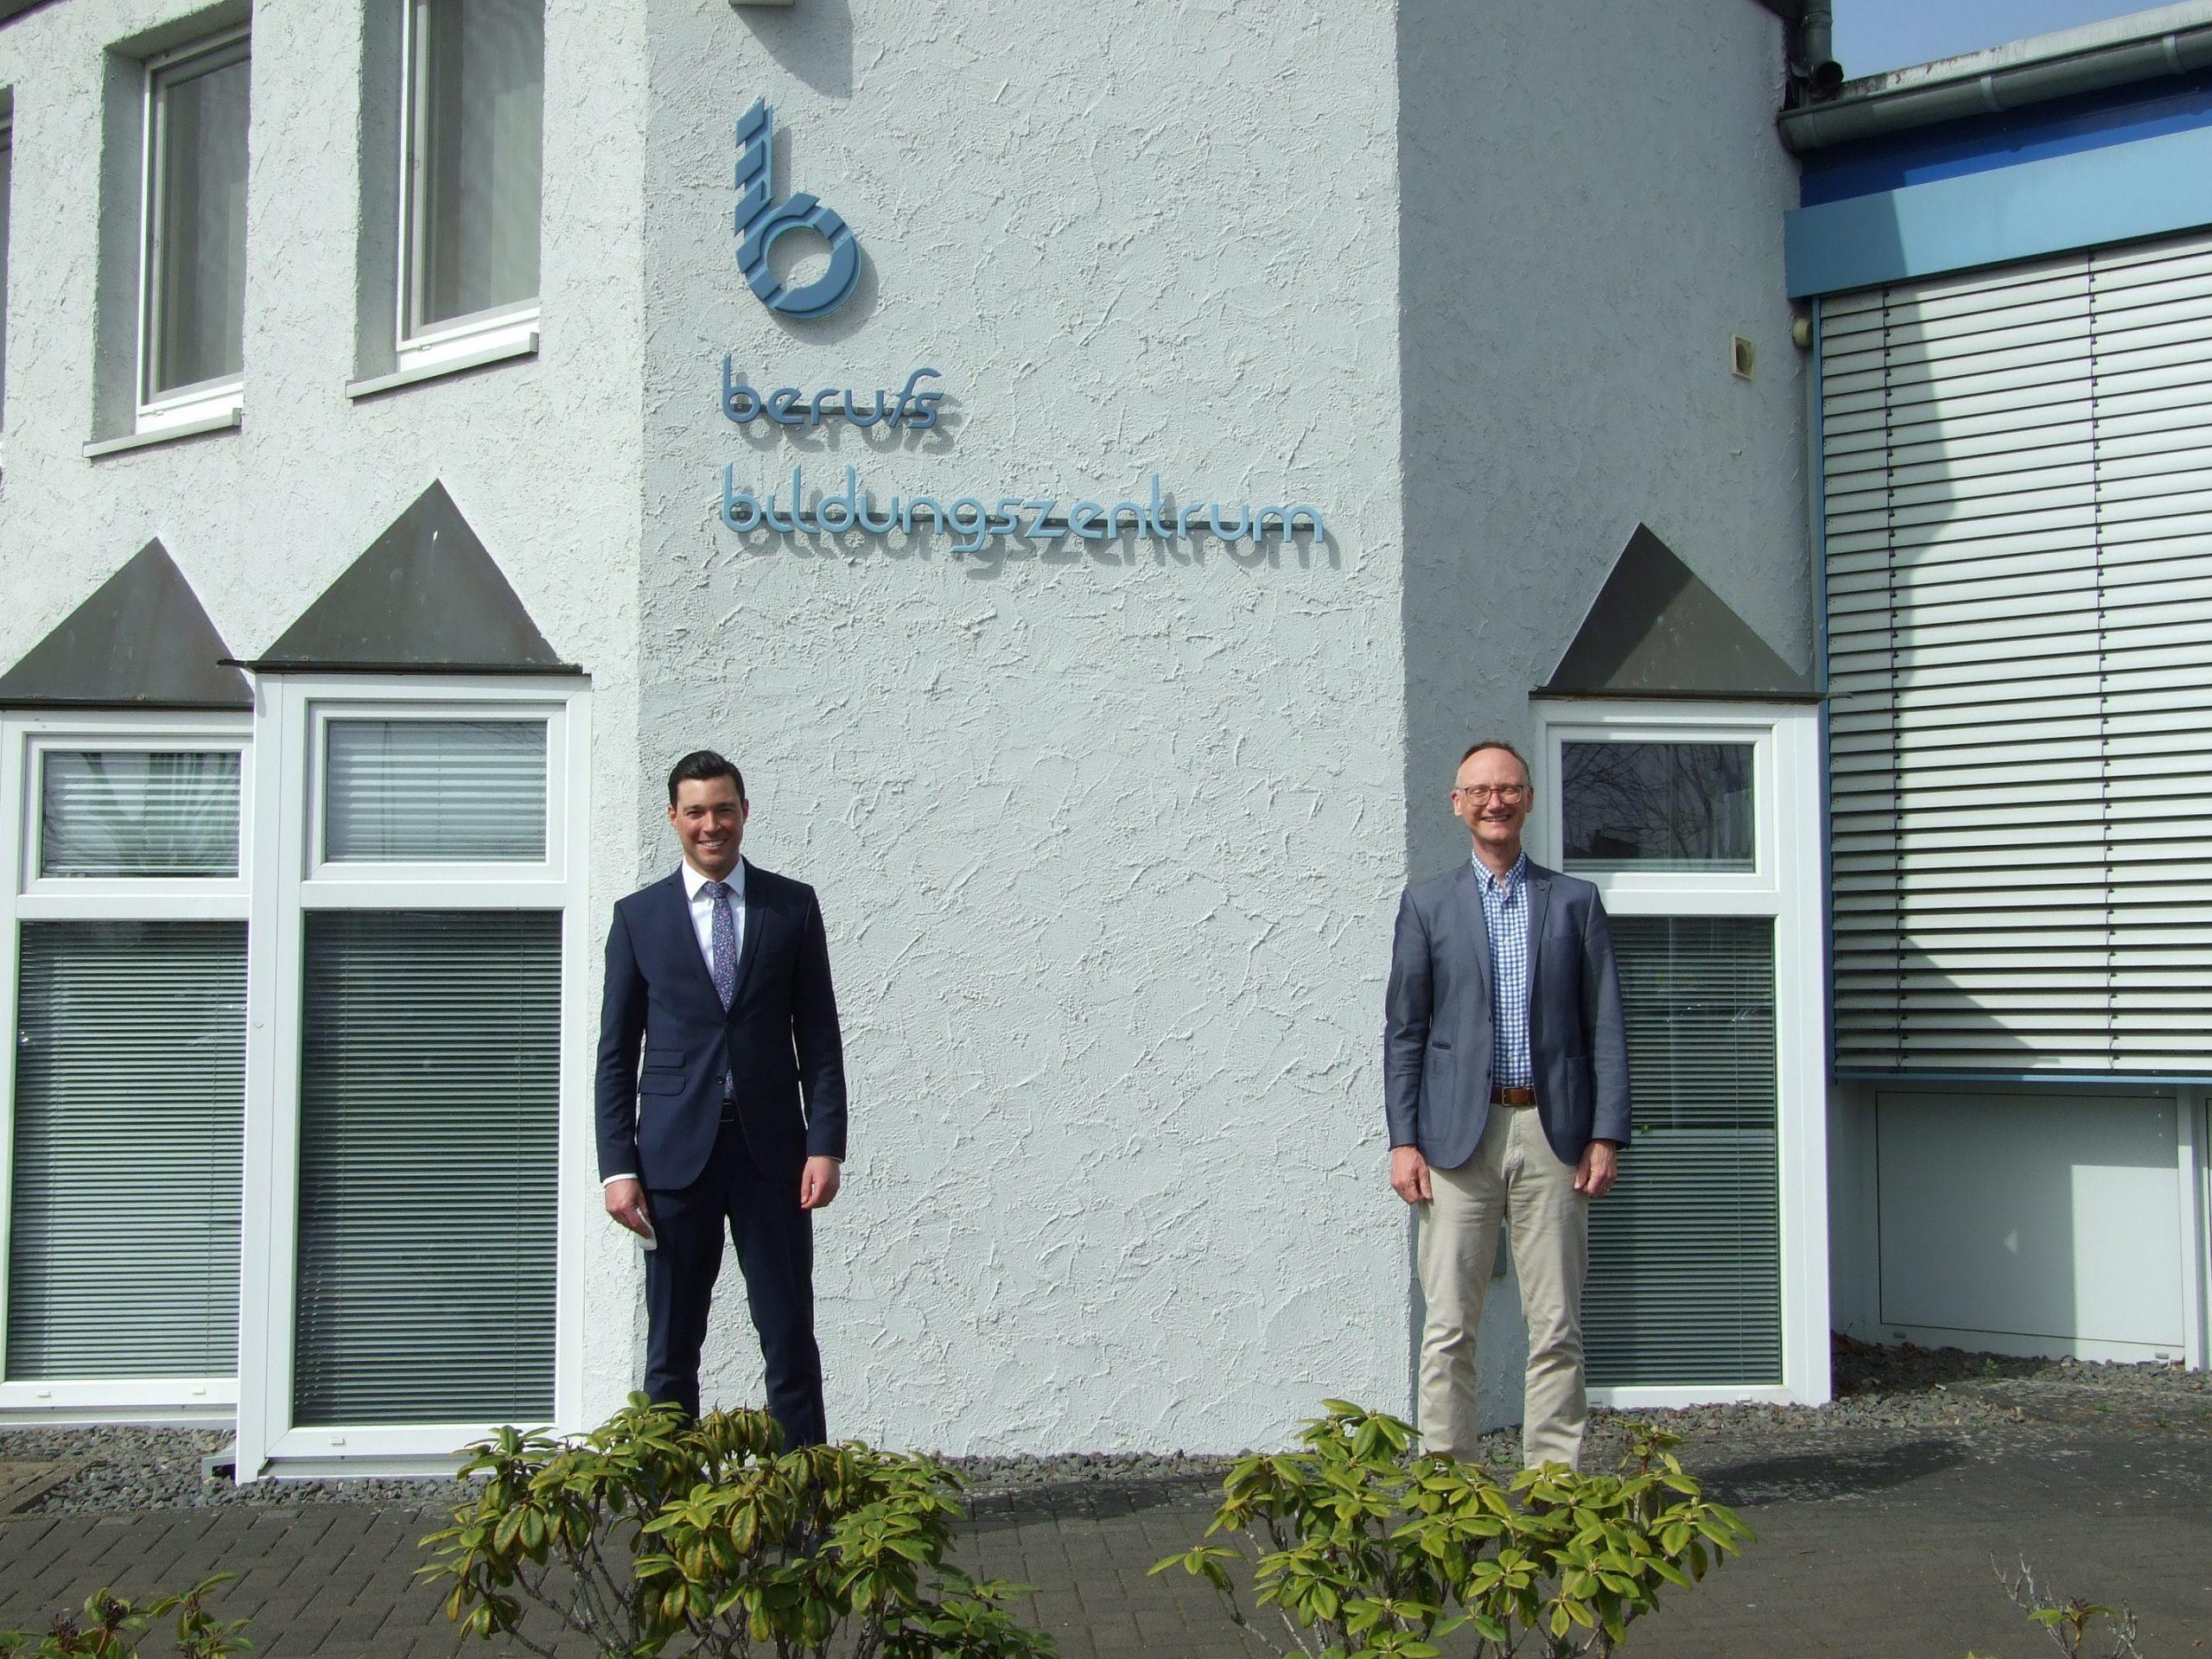 Der neue Geschäftsführer des berufsbildungszentrums Bitburg-Prüm (bebiz) tritt seinen Dienst an